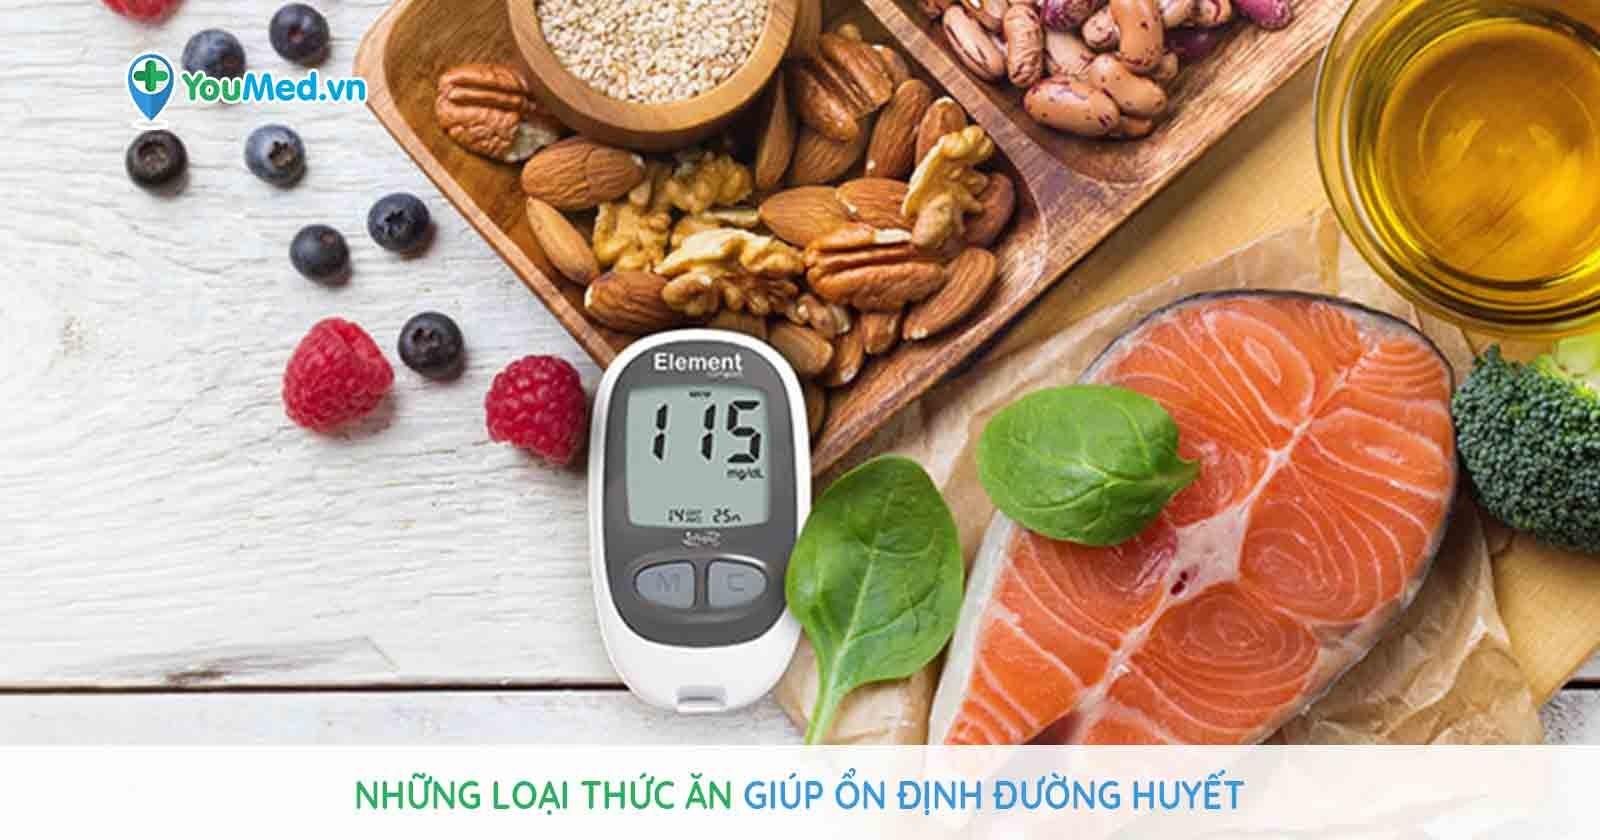 Người tiểu đường nên ăn gì để ổn định đường huyết?